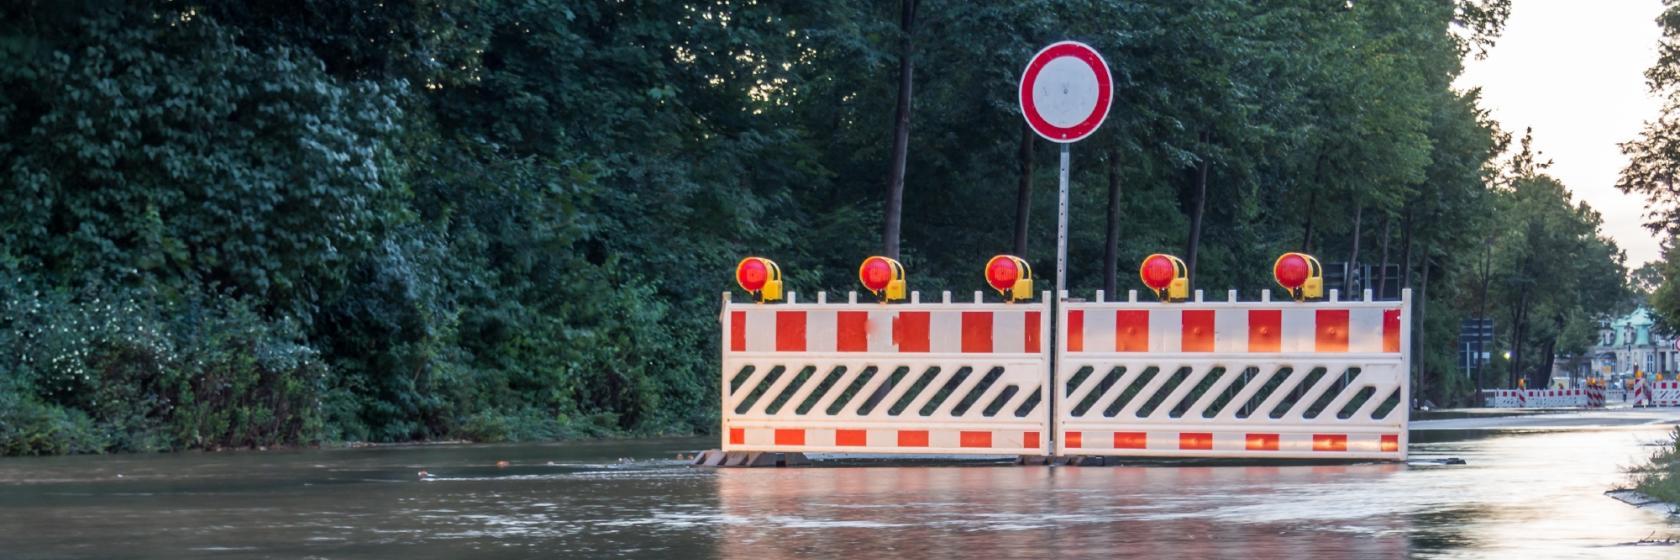 Urbane Sturzfluten